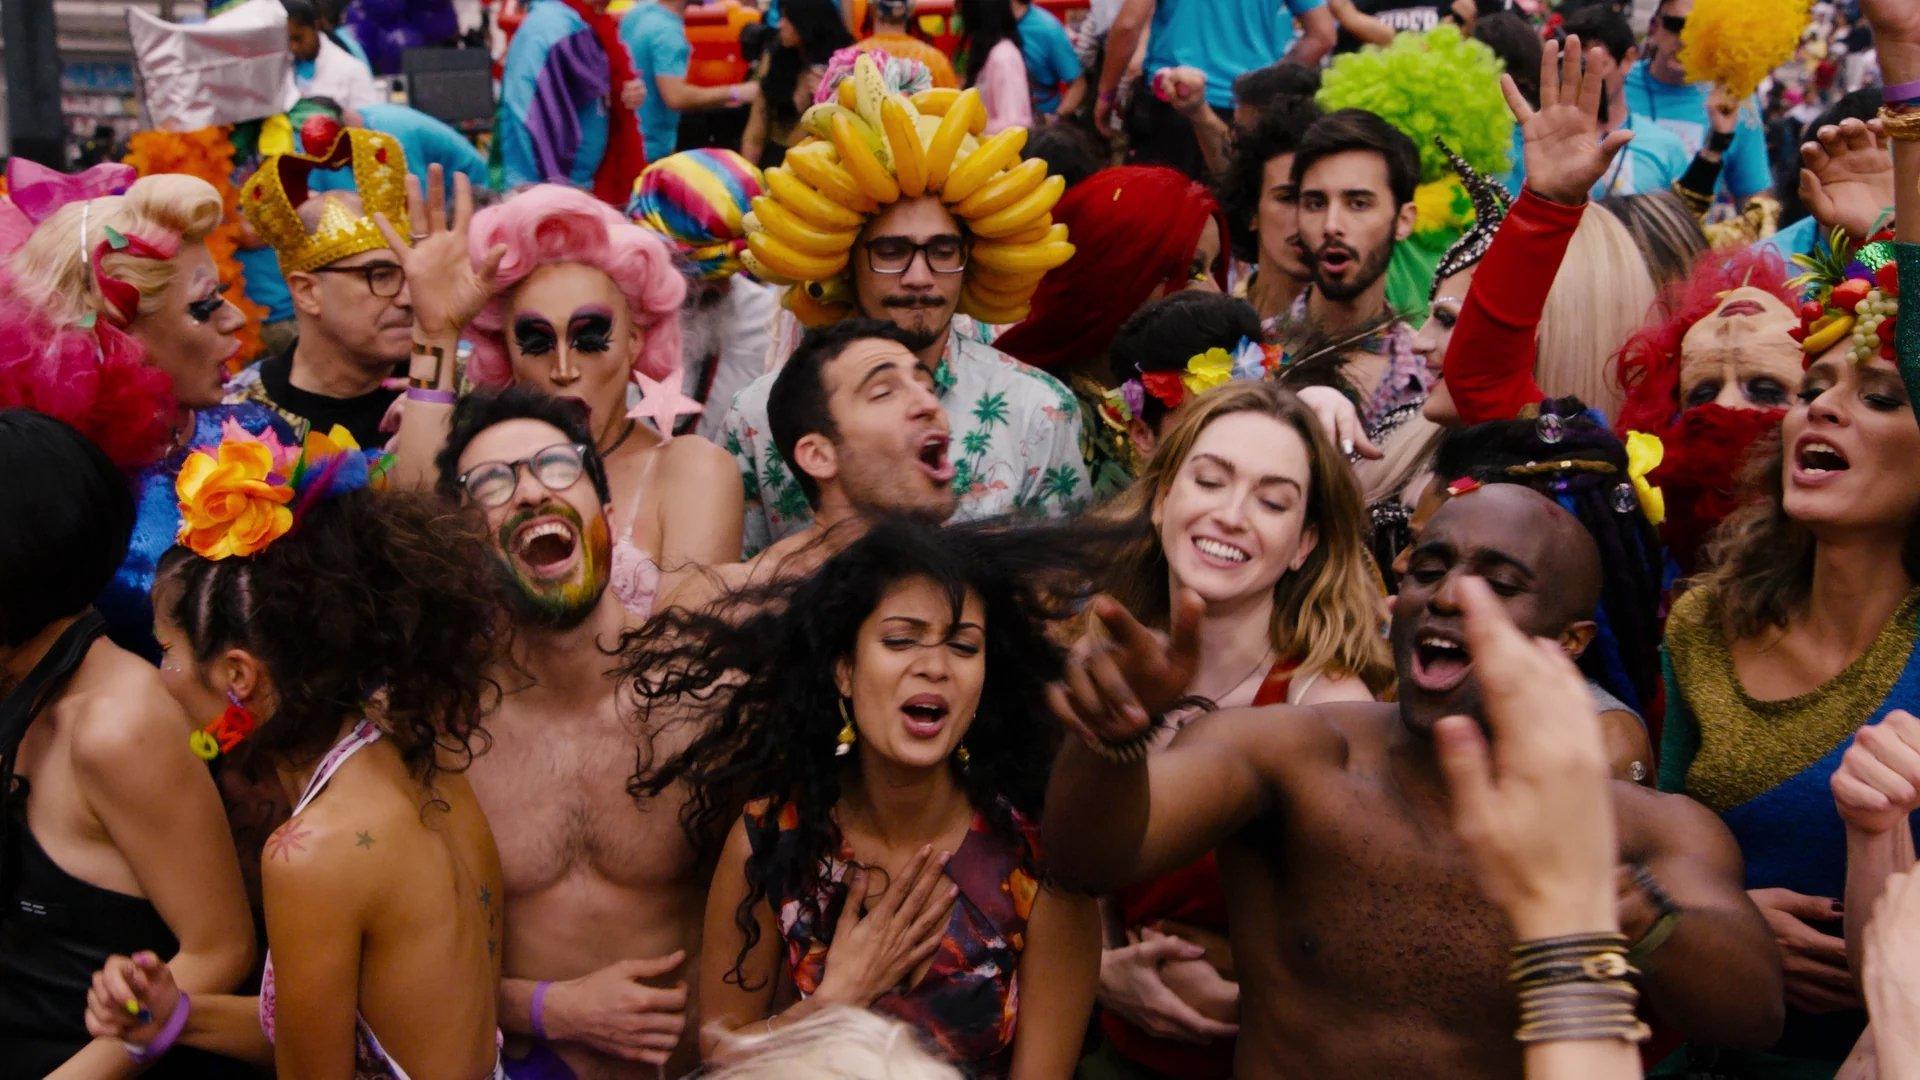 Netflix'den Beklenen Haber Geldi! Sense8 2 Saatlik Finali İçin Geri Dönüyor!